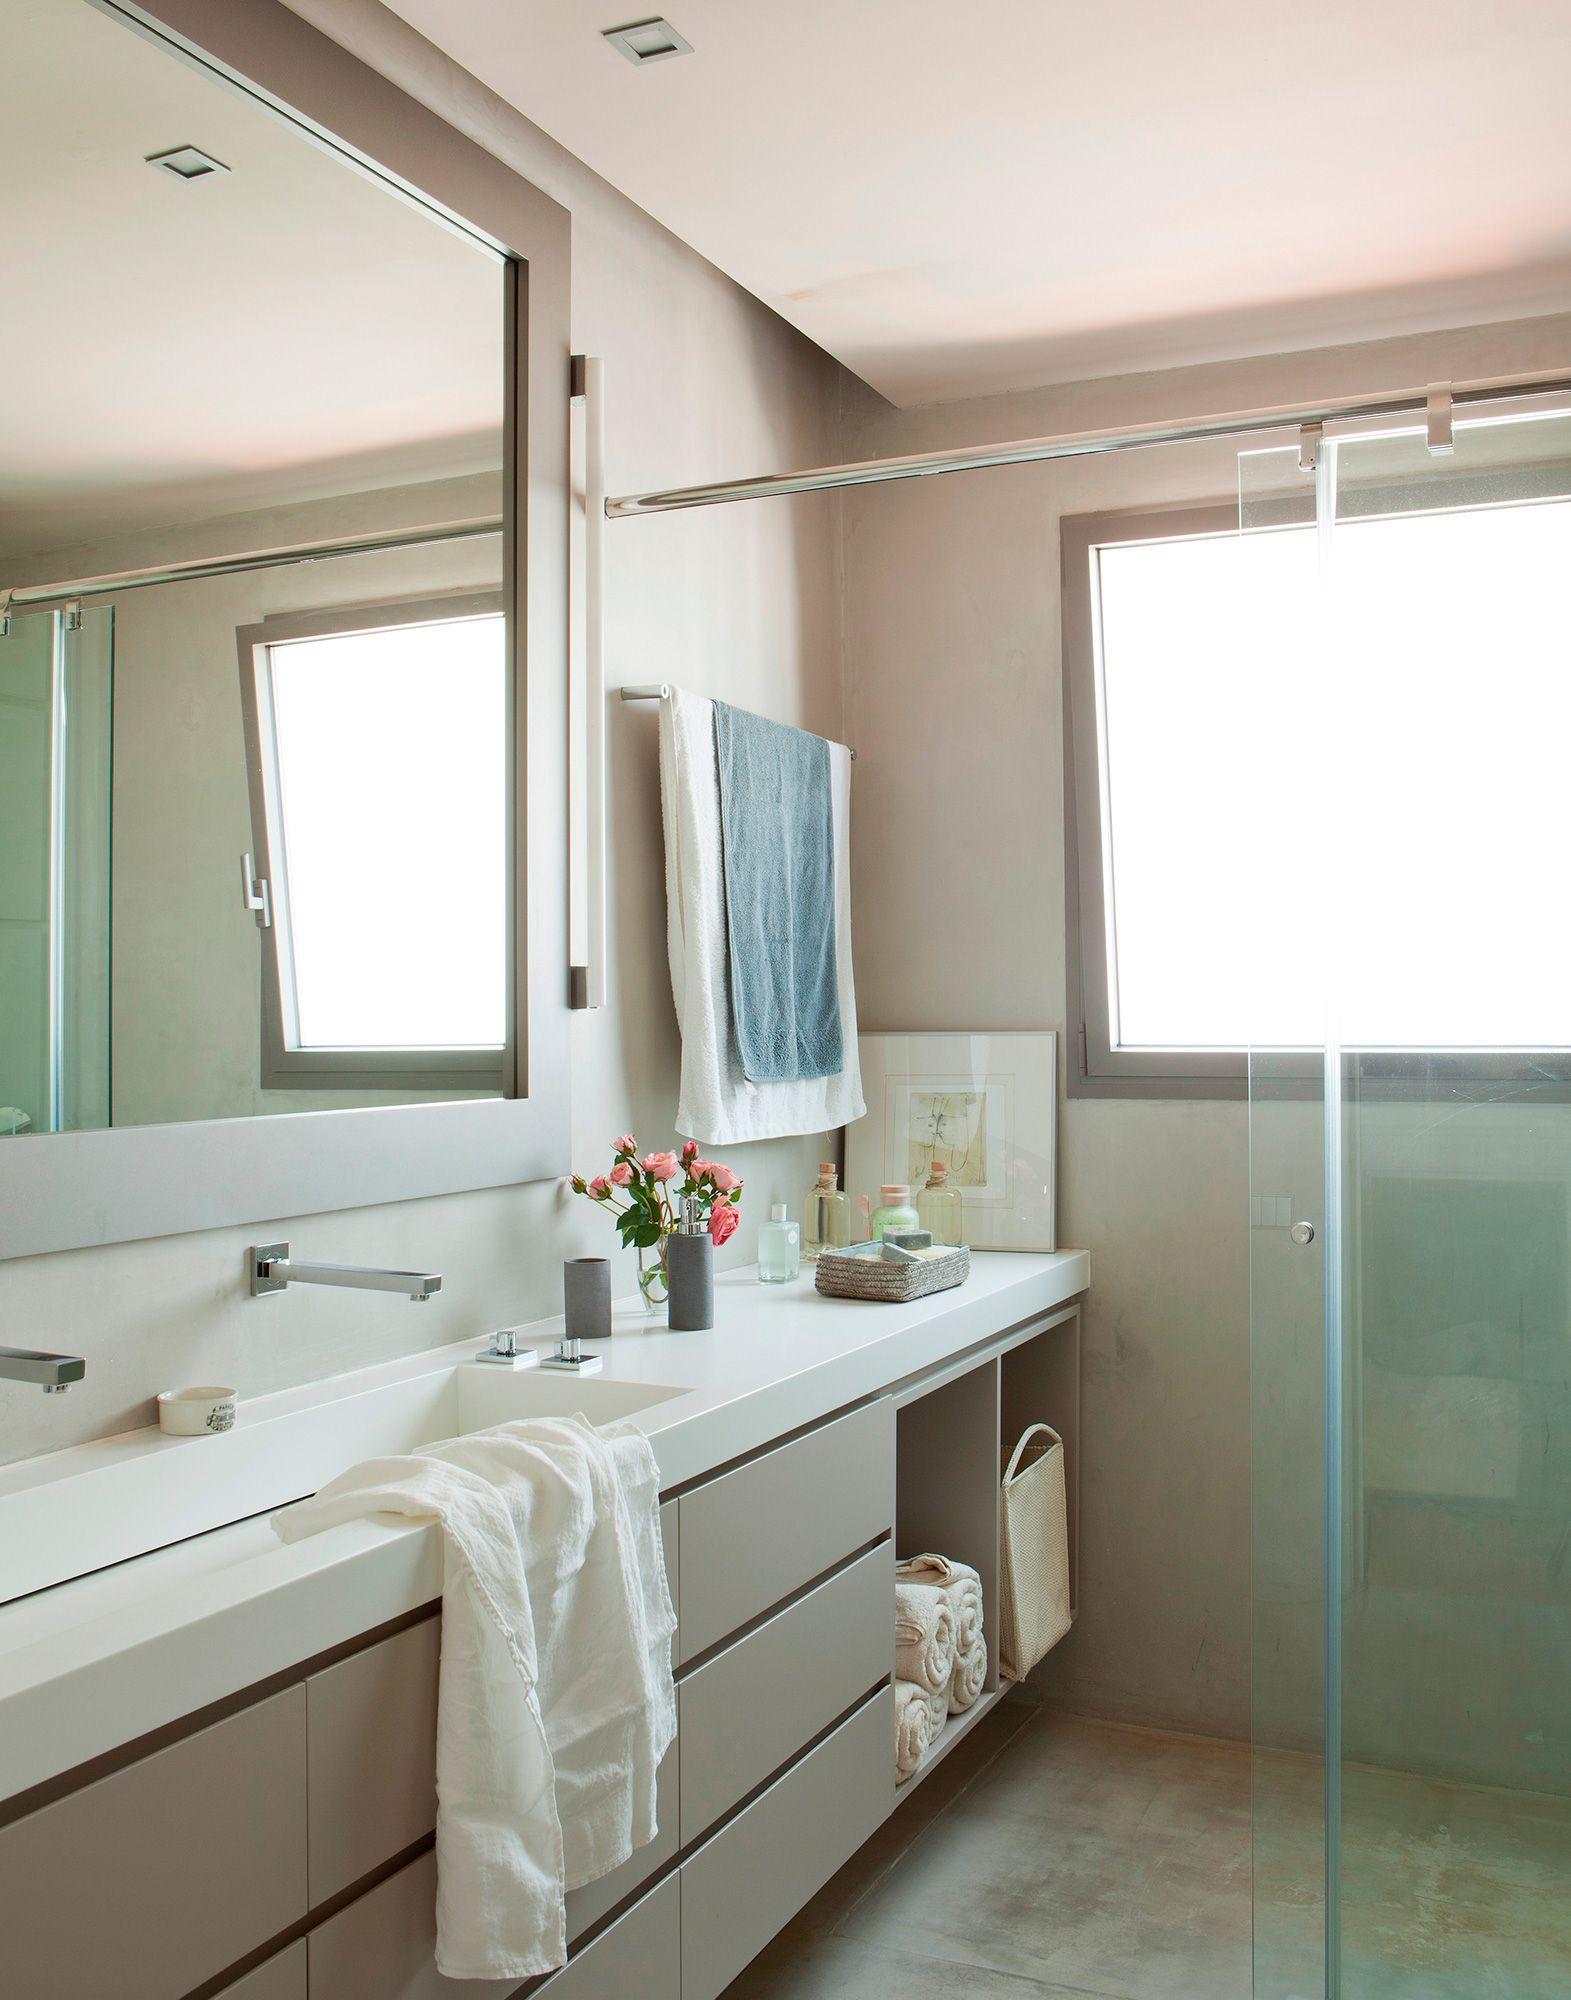 Baño con doble grifería en el lavabo amplio bajolavabo que se